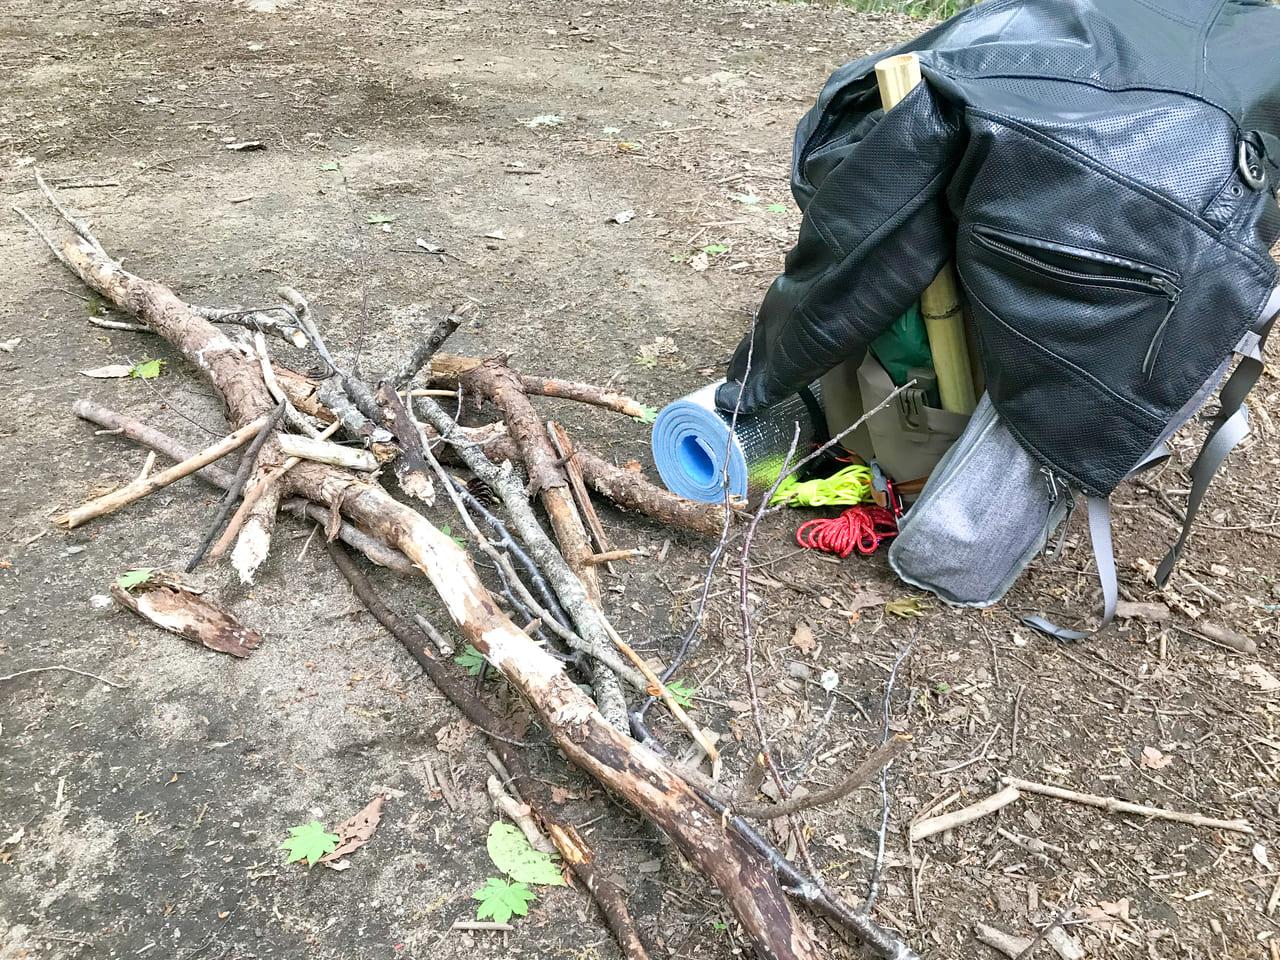 /キャンプ場内では枯れ木も拾い放題